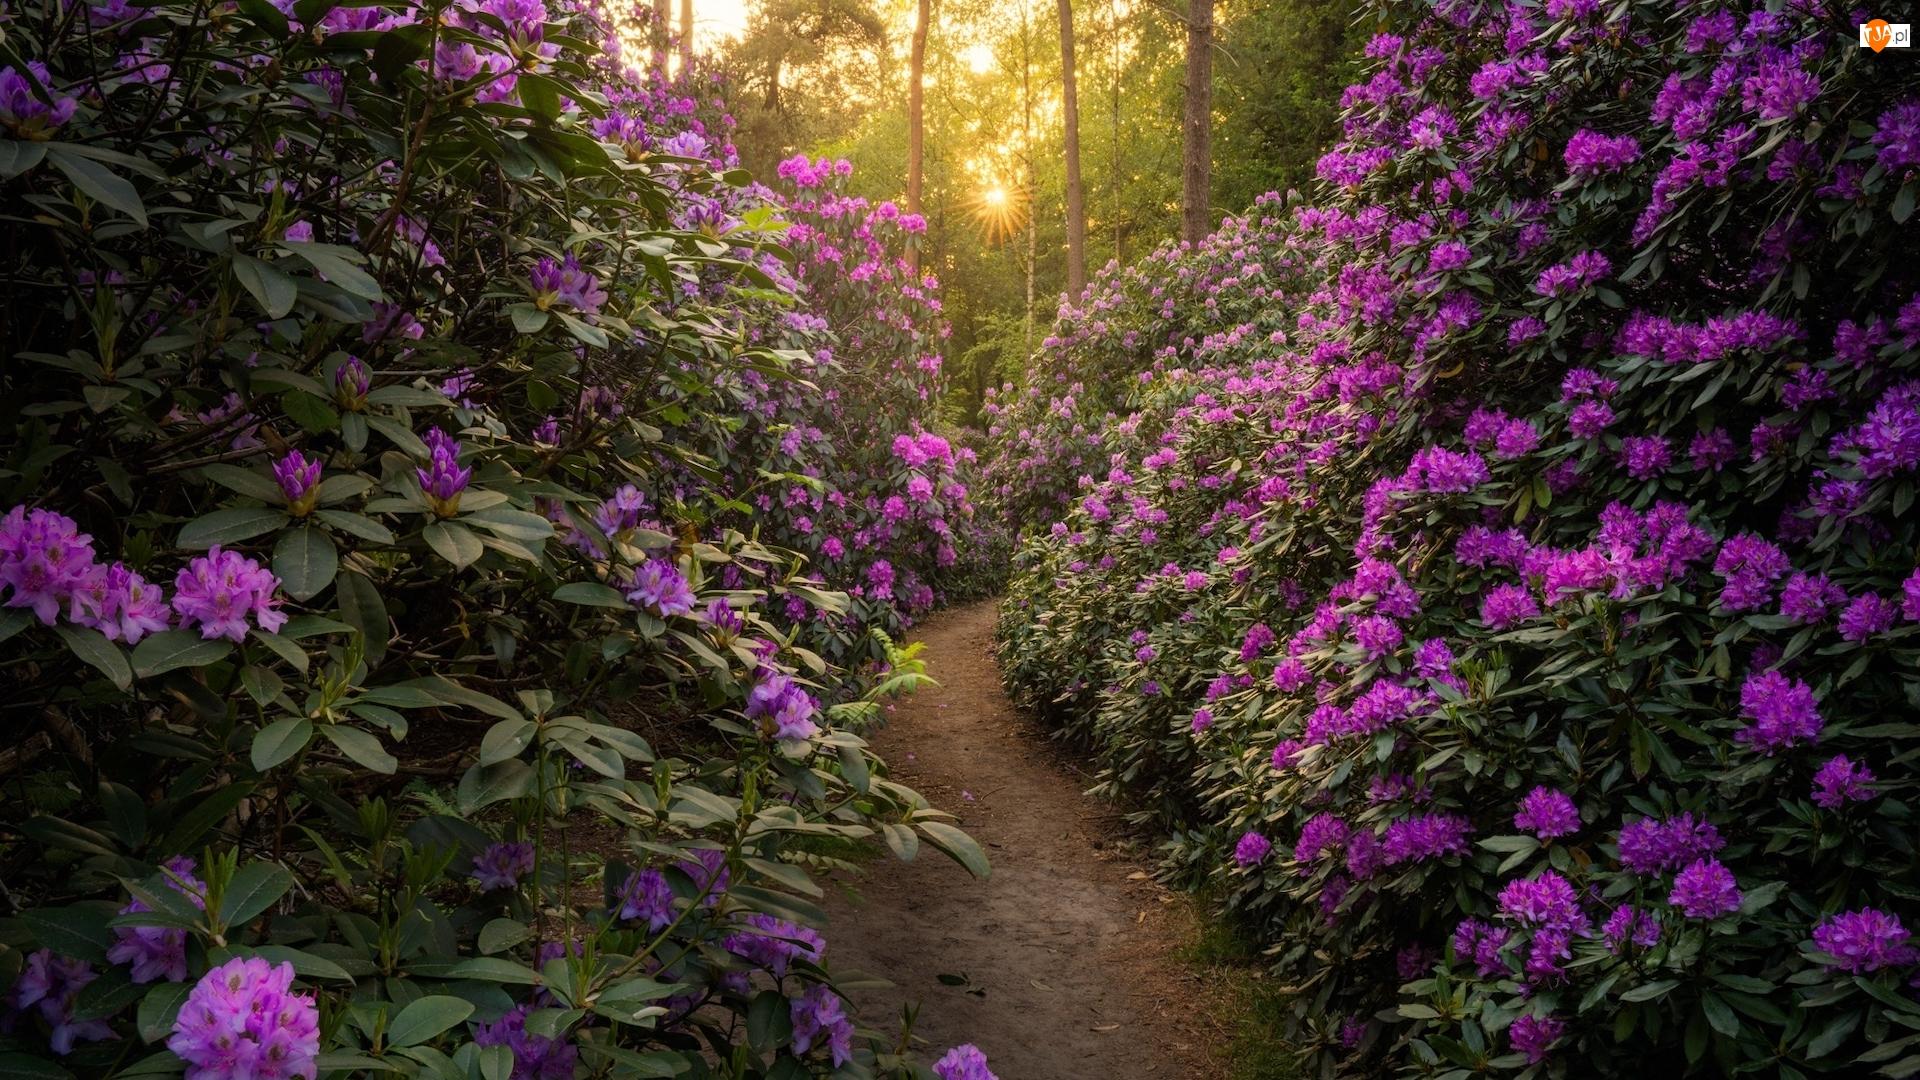 Ścieżka, Różaneczniki, Drzewa, Las, Dróżka